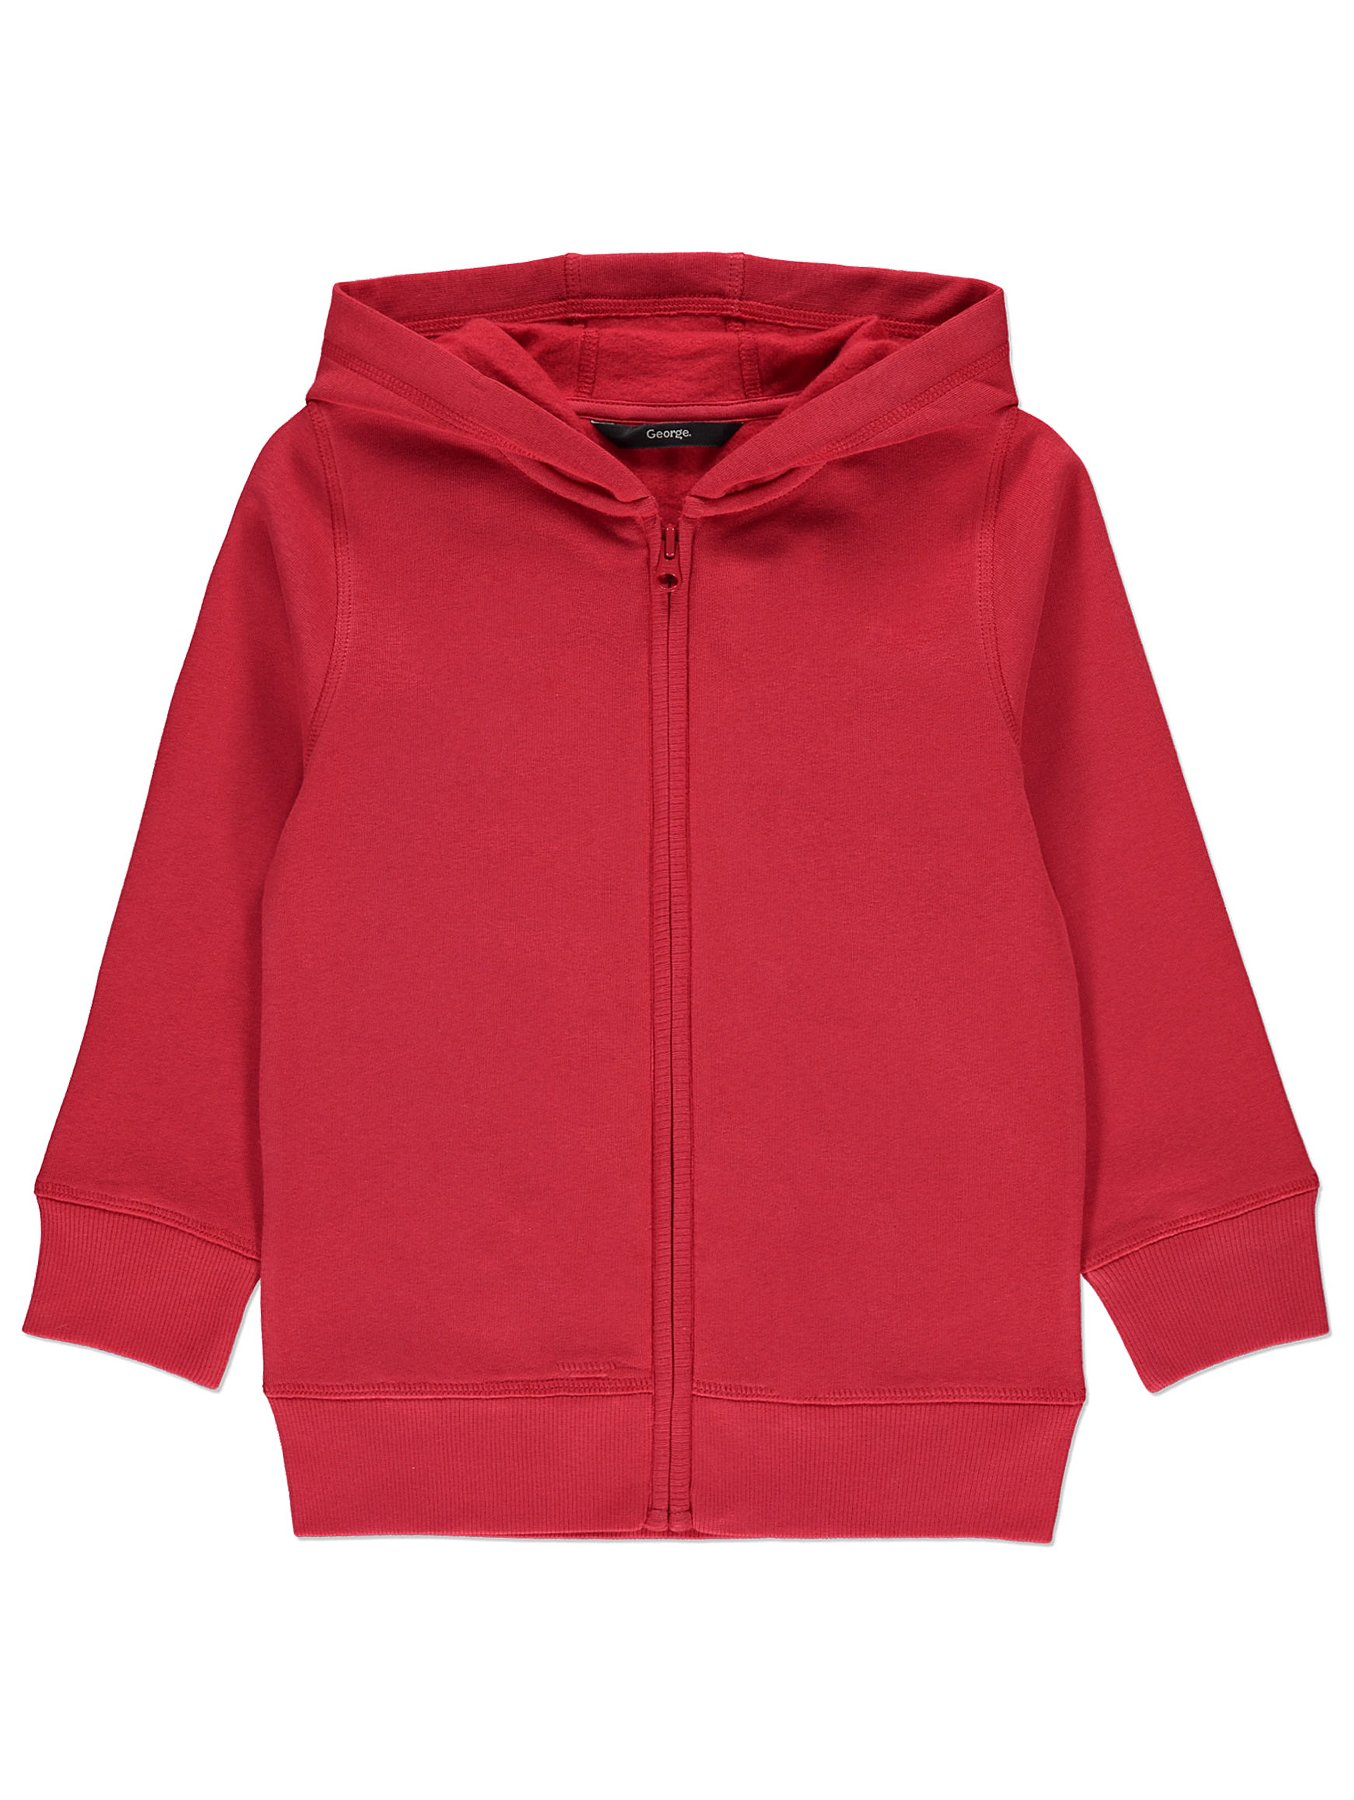 8ffacf350 Red Zip-up Hoodie | Kids | George